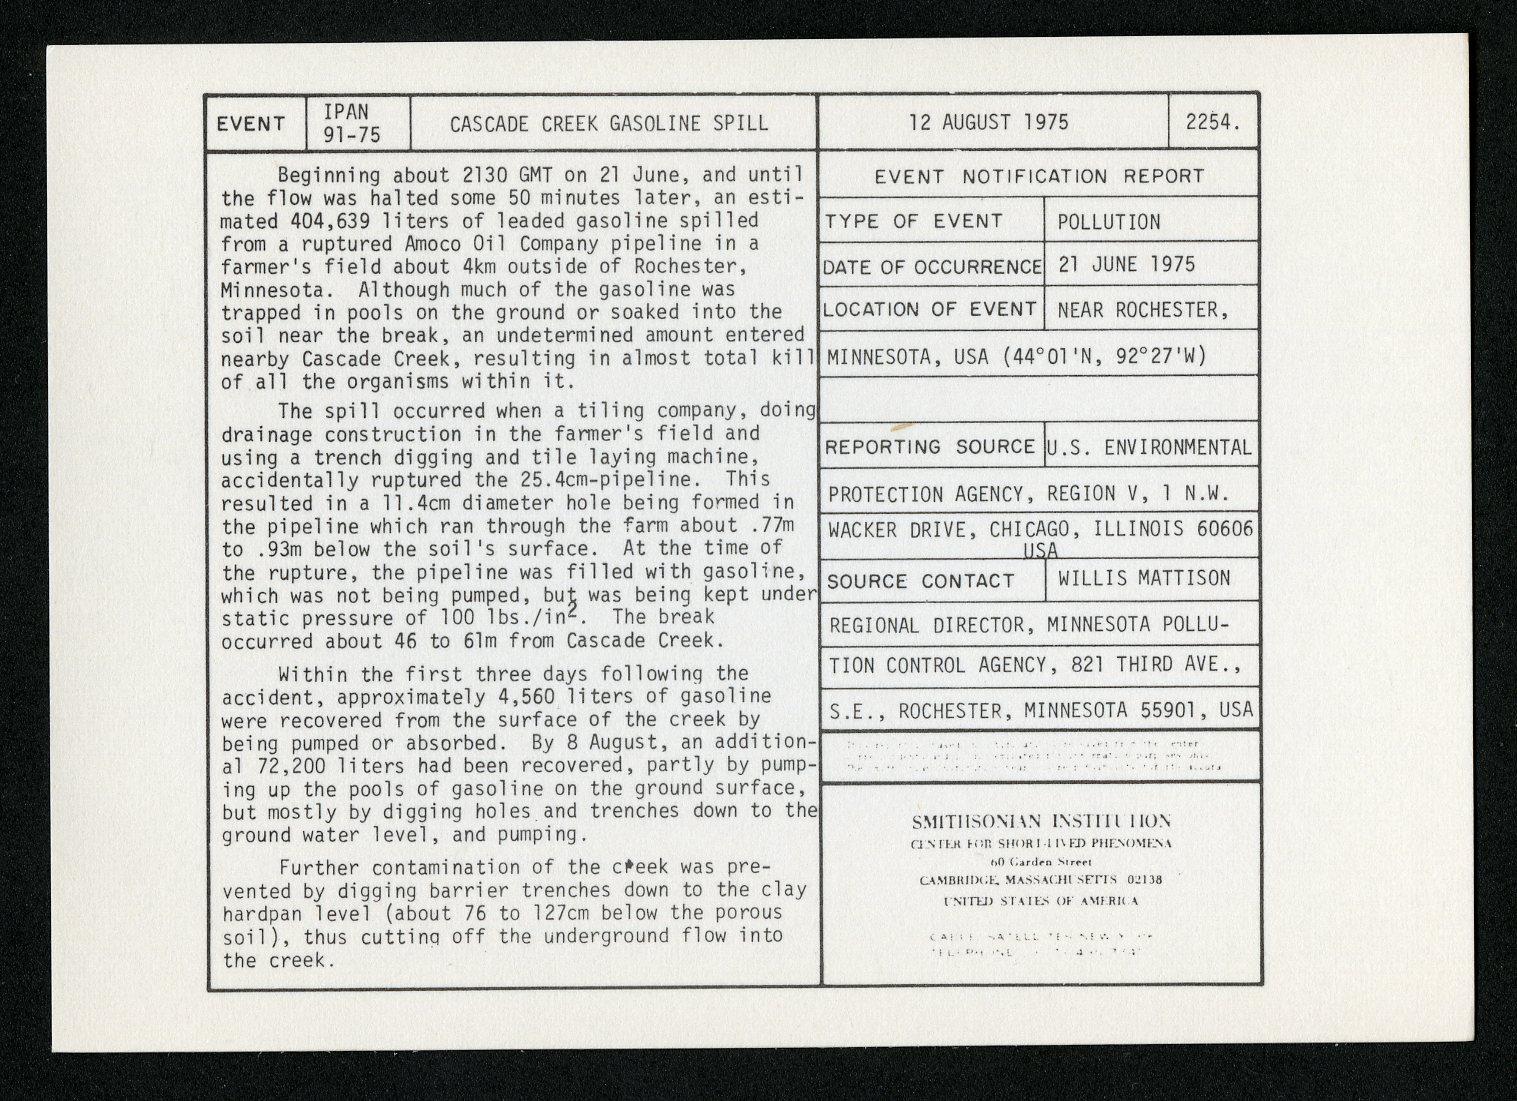 Event card - Cascade Creek Gasoline Spill, August 12, 1975